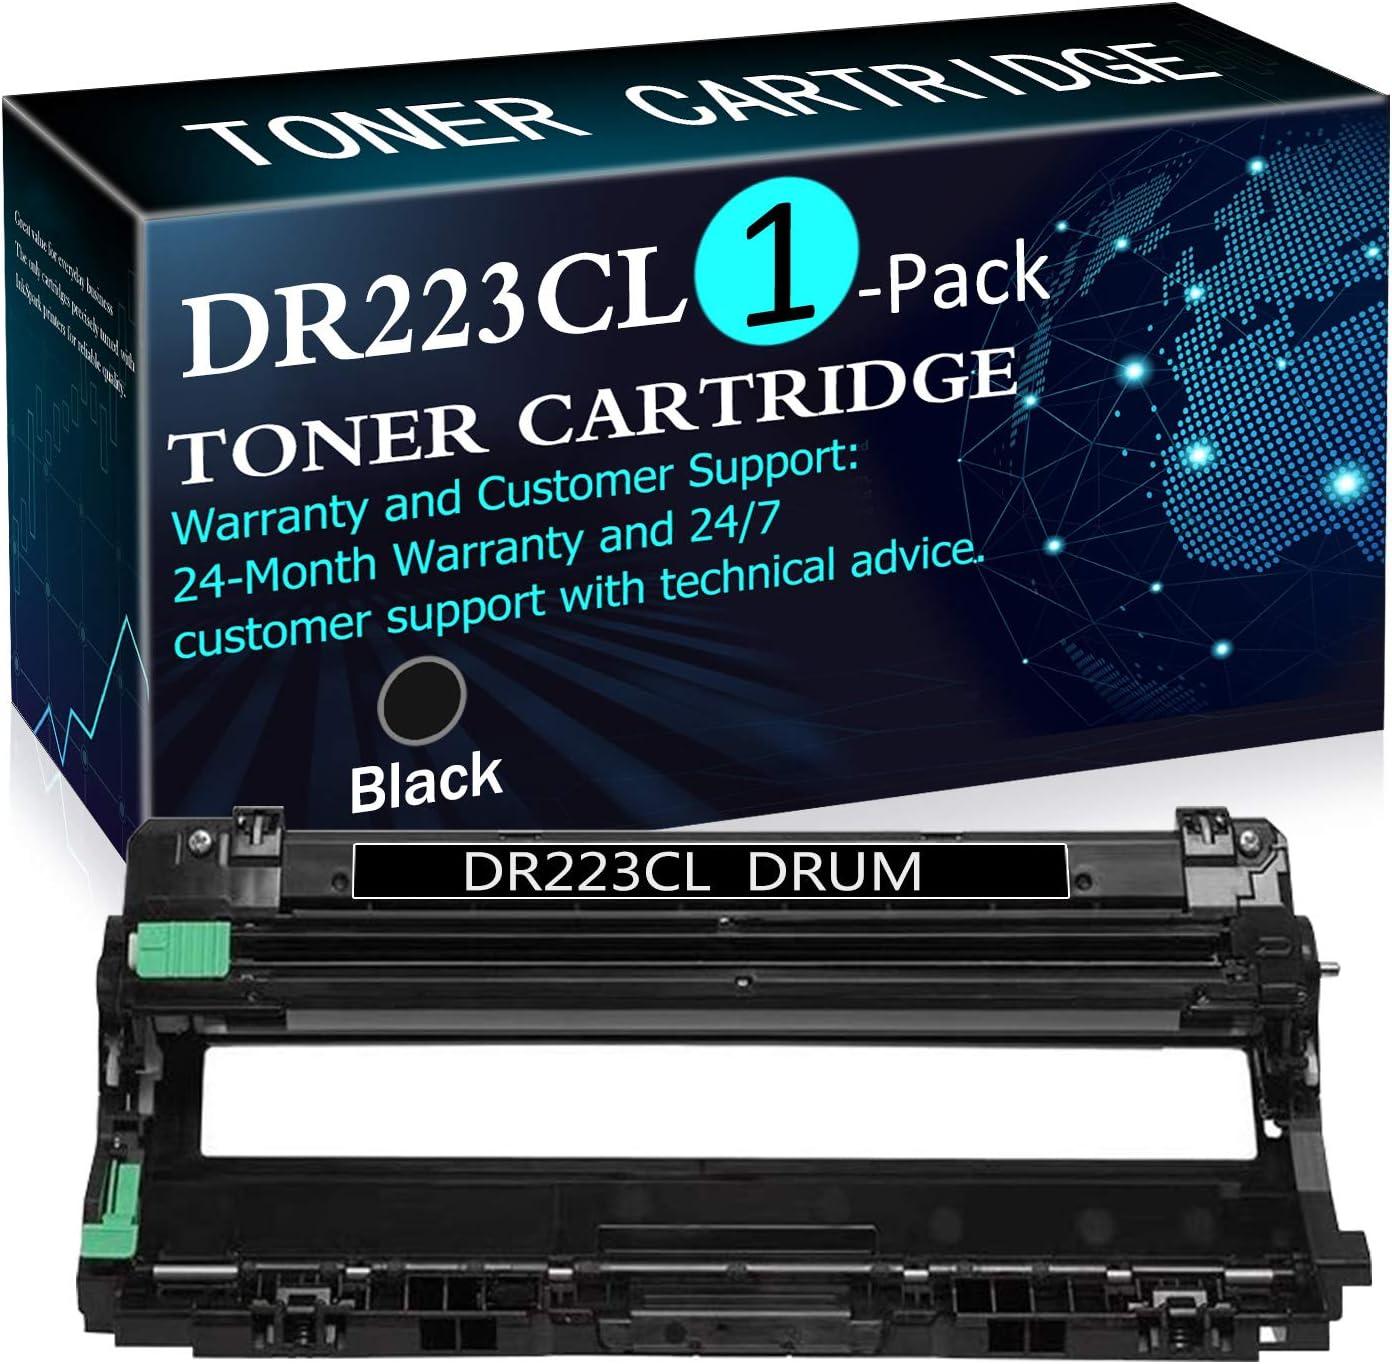 正規品送料無料 1 最安値 Pack Black DR223CL Drum HL-L3210C Brother for Replacement Unit